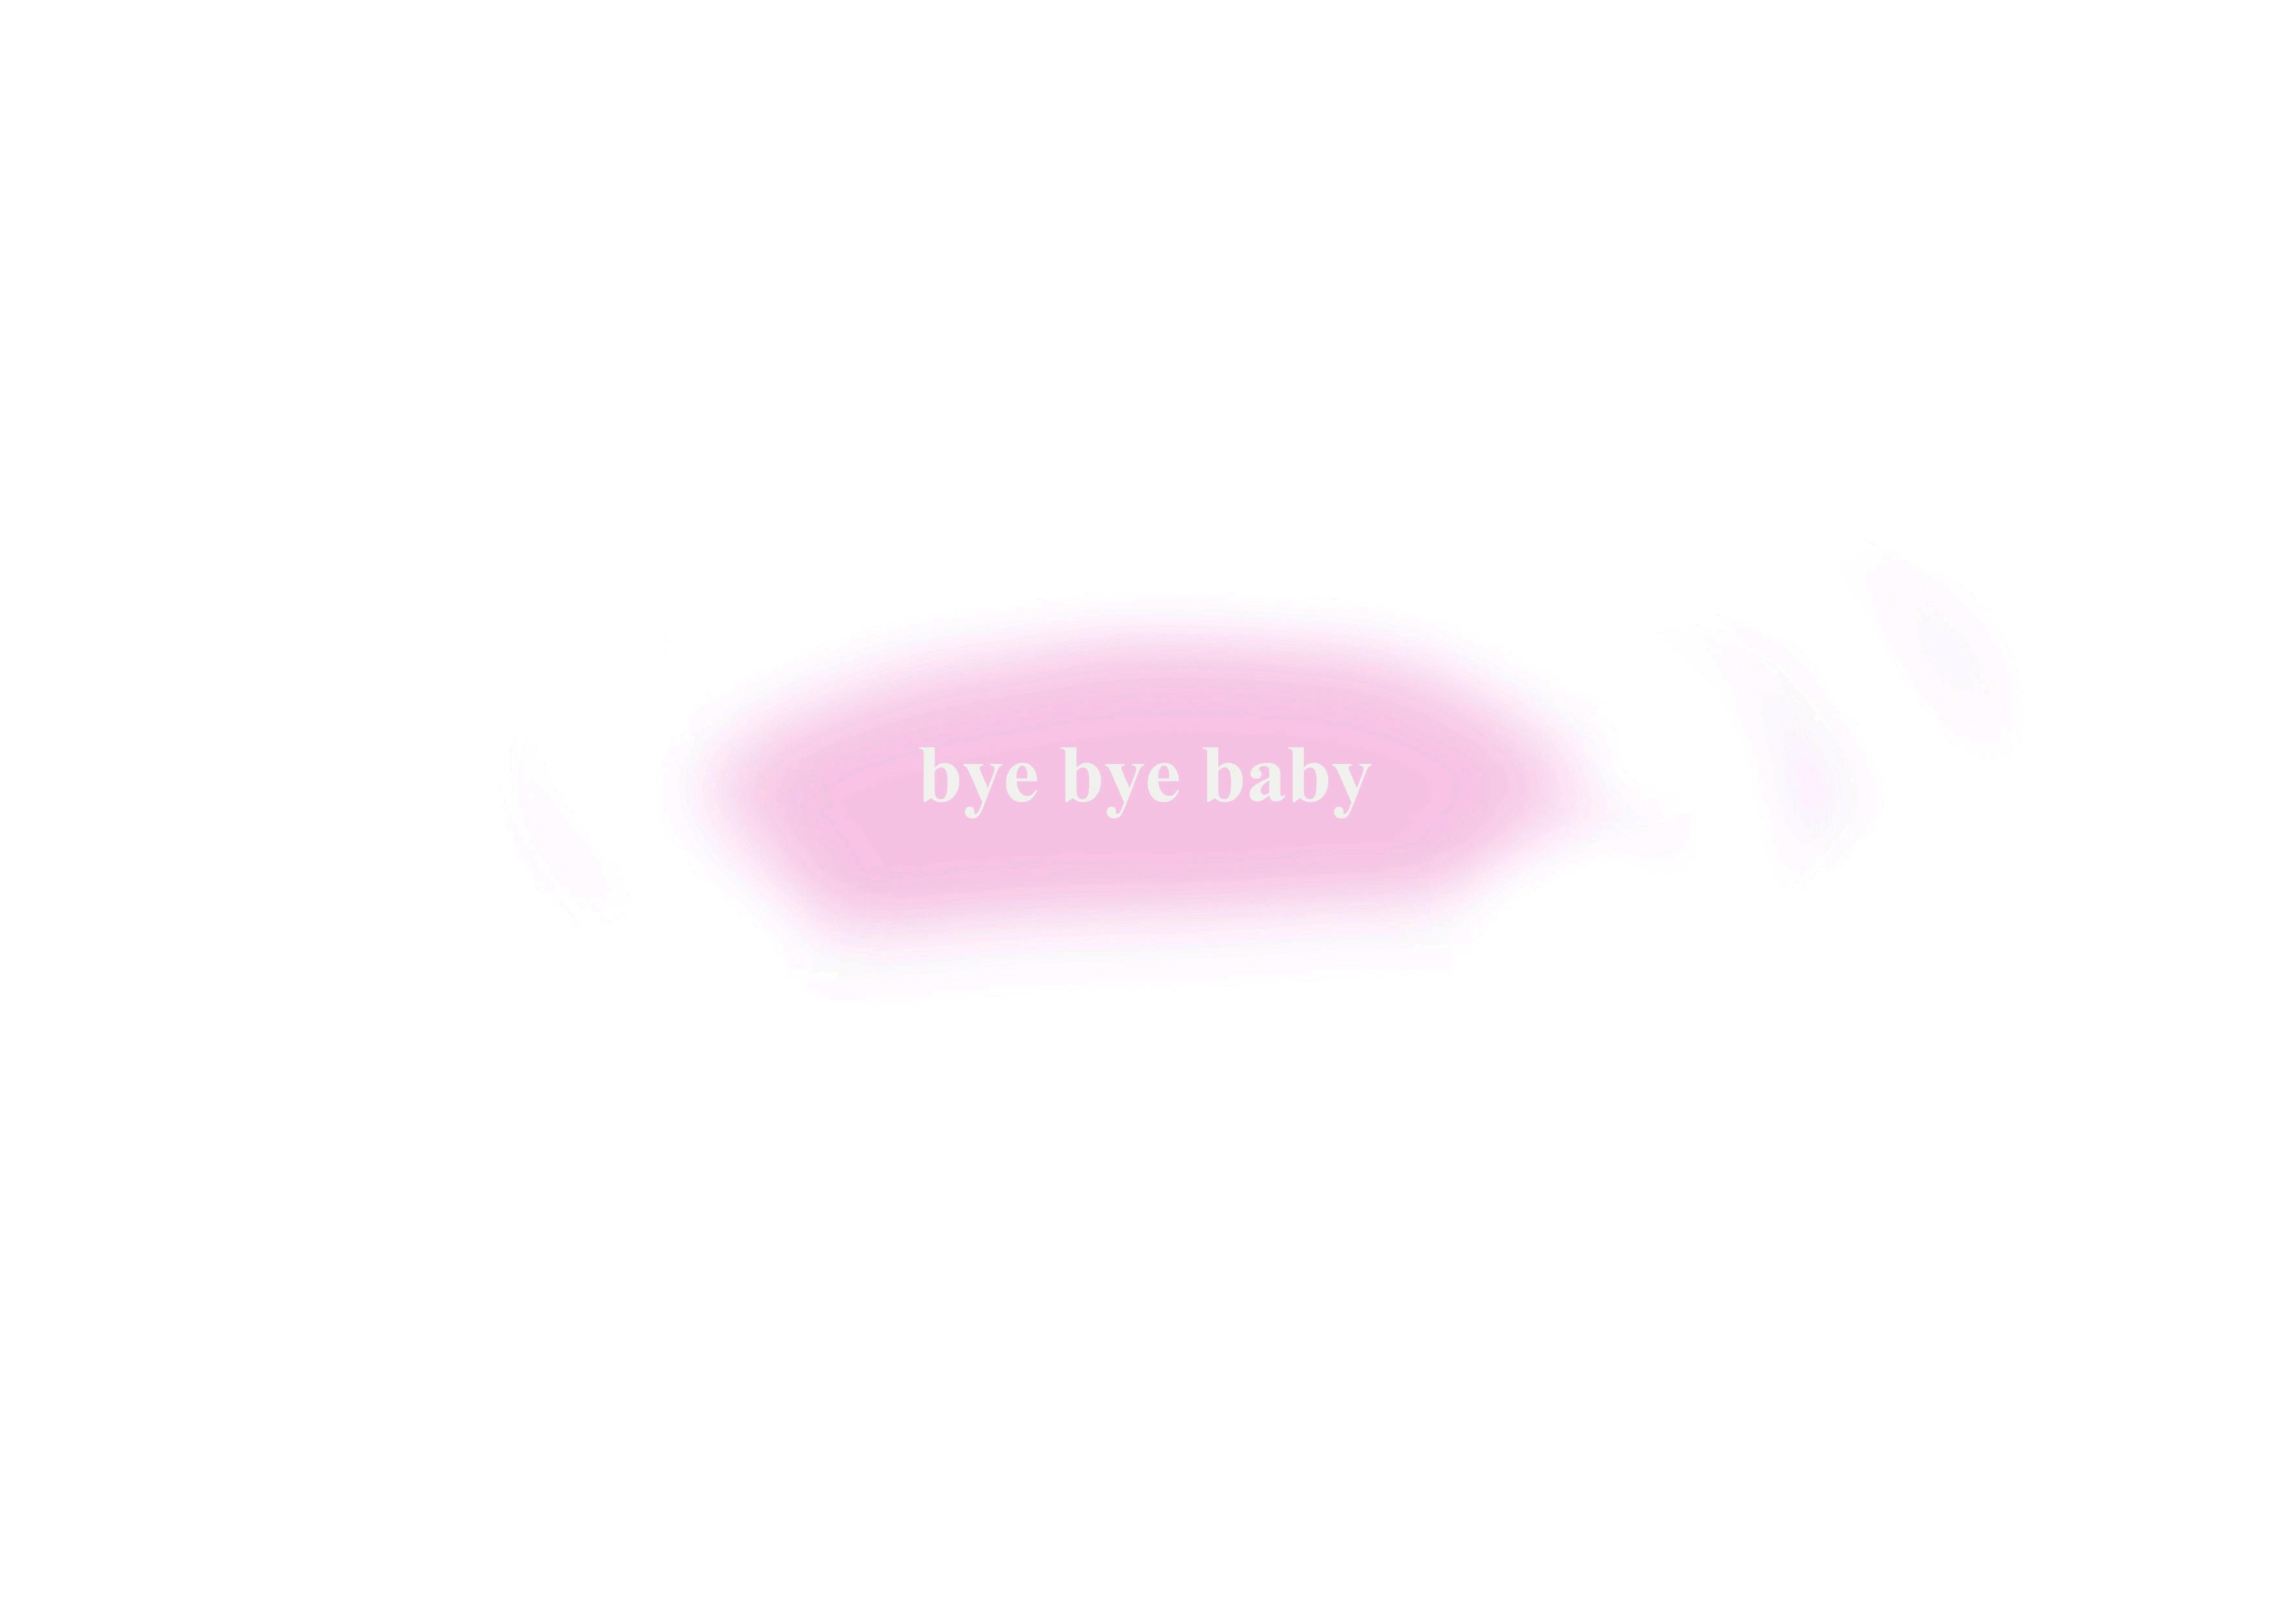 Bye bye baby,